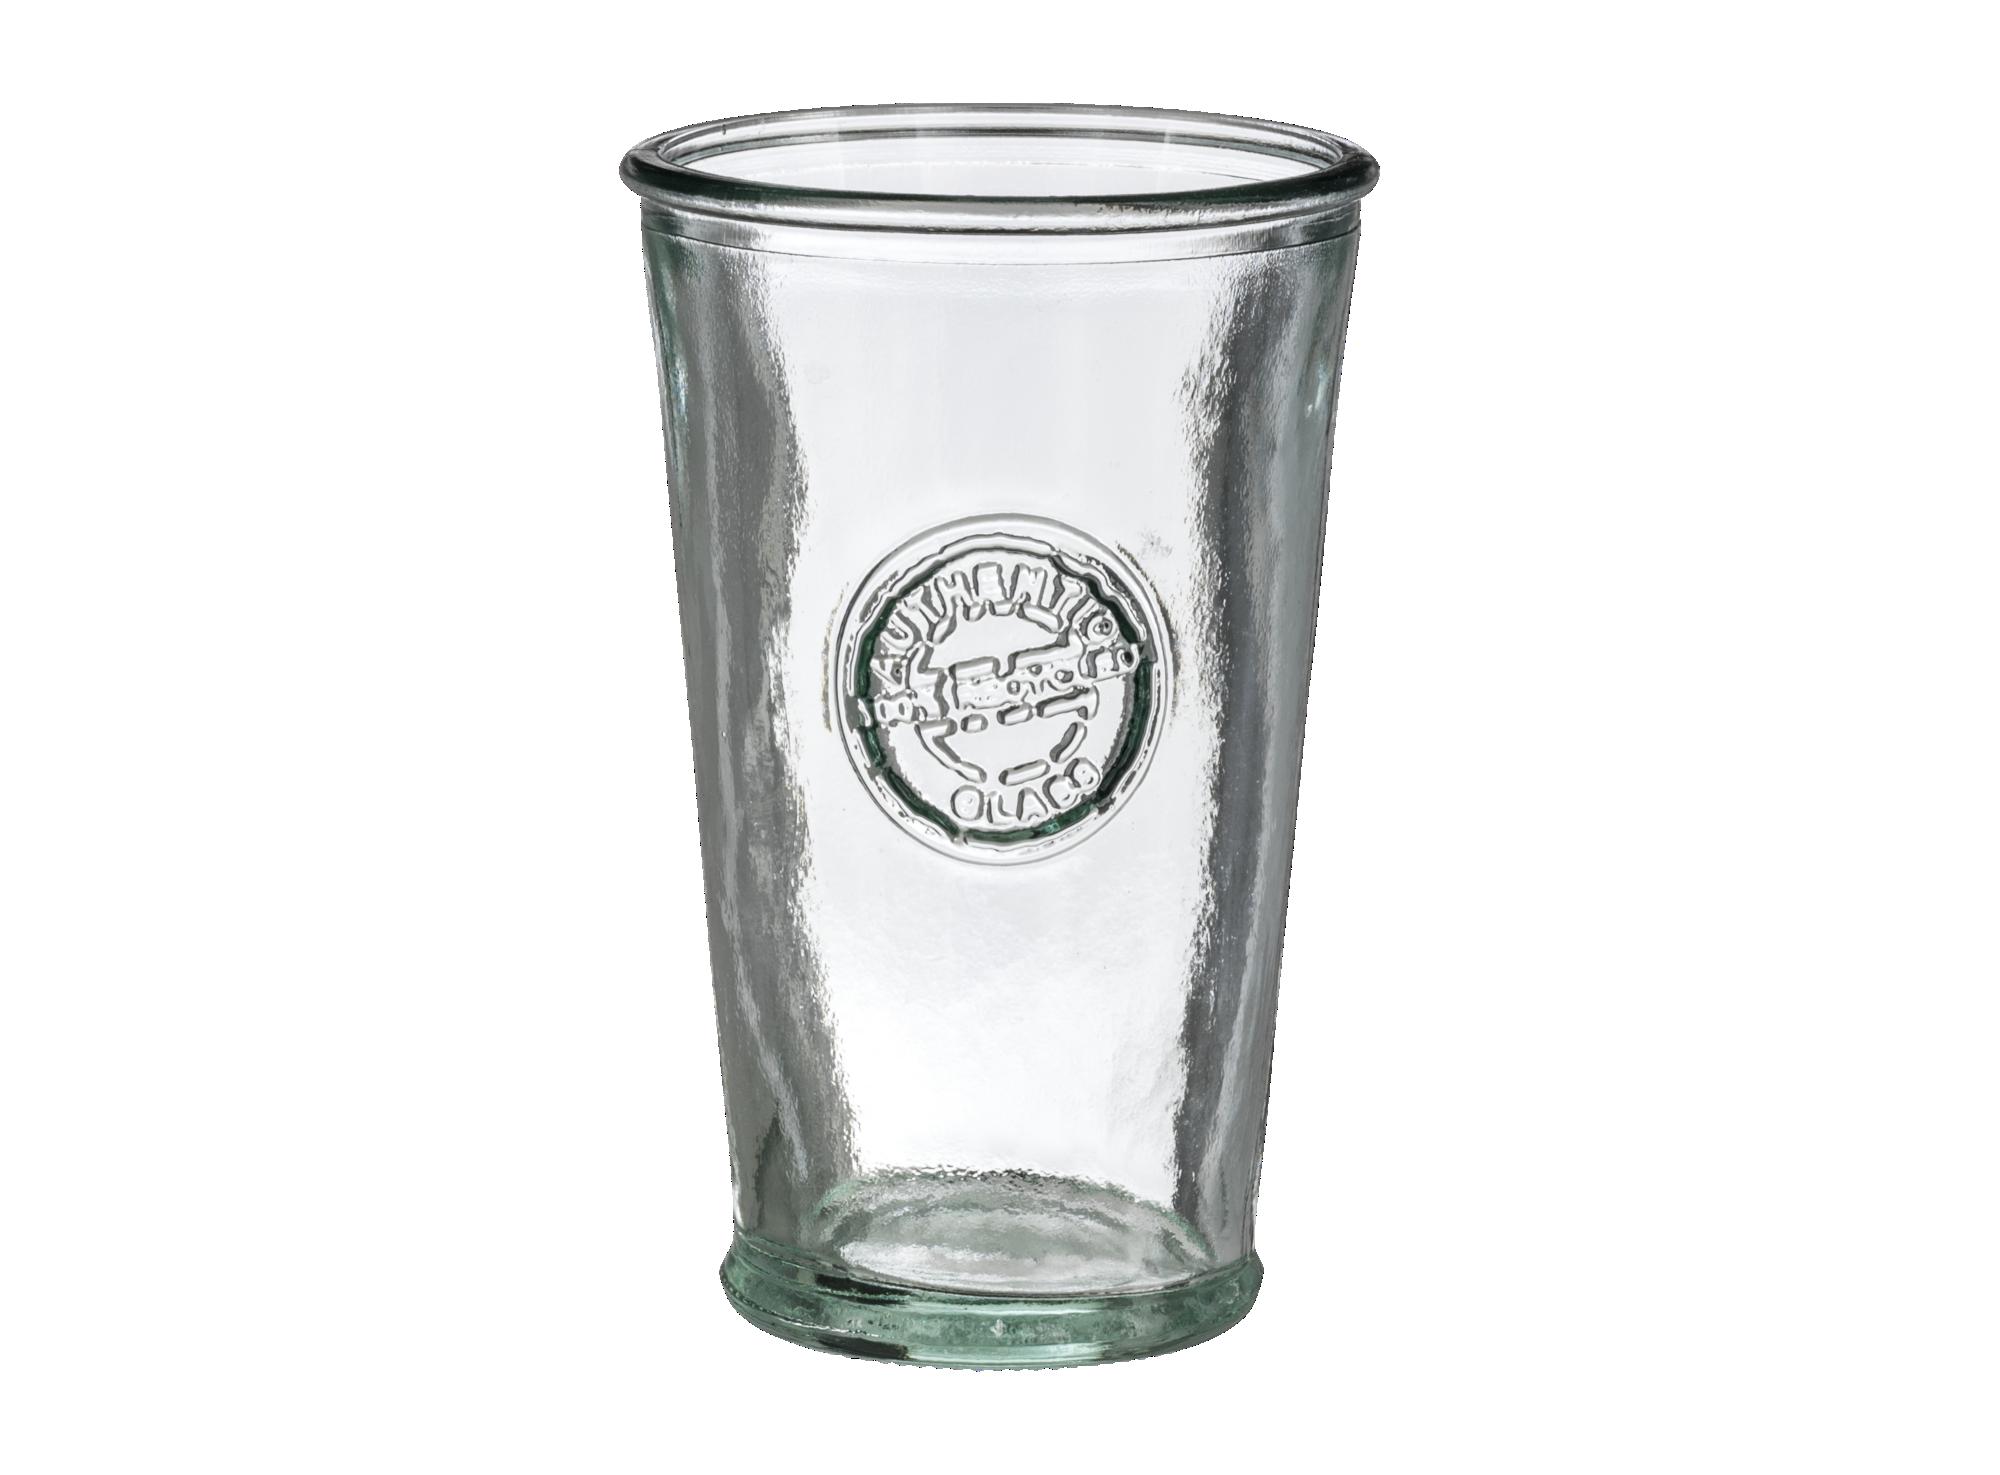 Gobelet 30cl en verre recycle - resiste au lave vaisselle